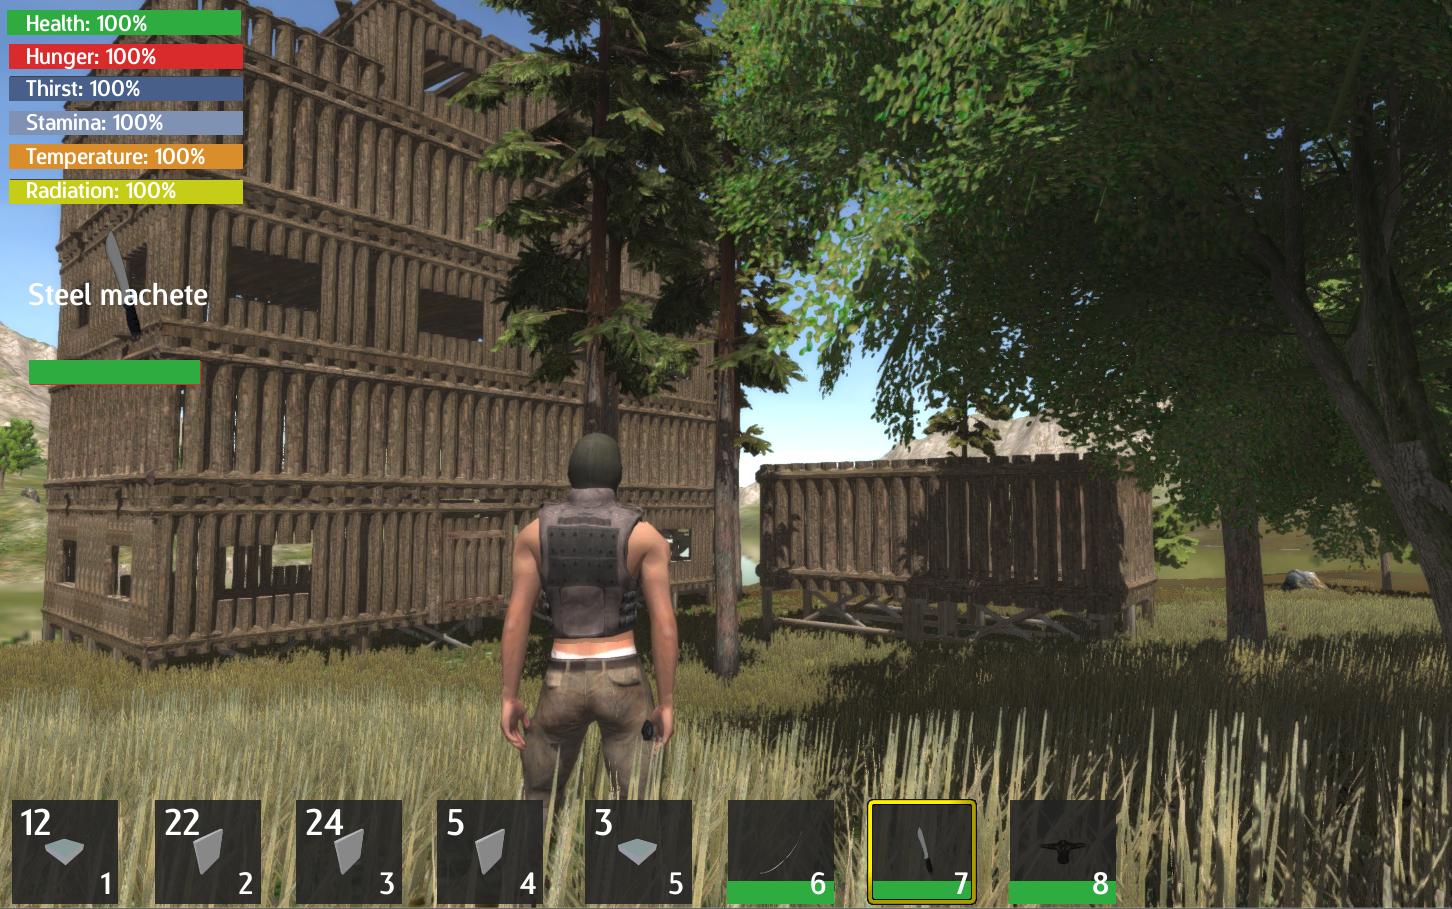 Скачать thrive island survival взлом полная версия v 2. 23 на андроид.